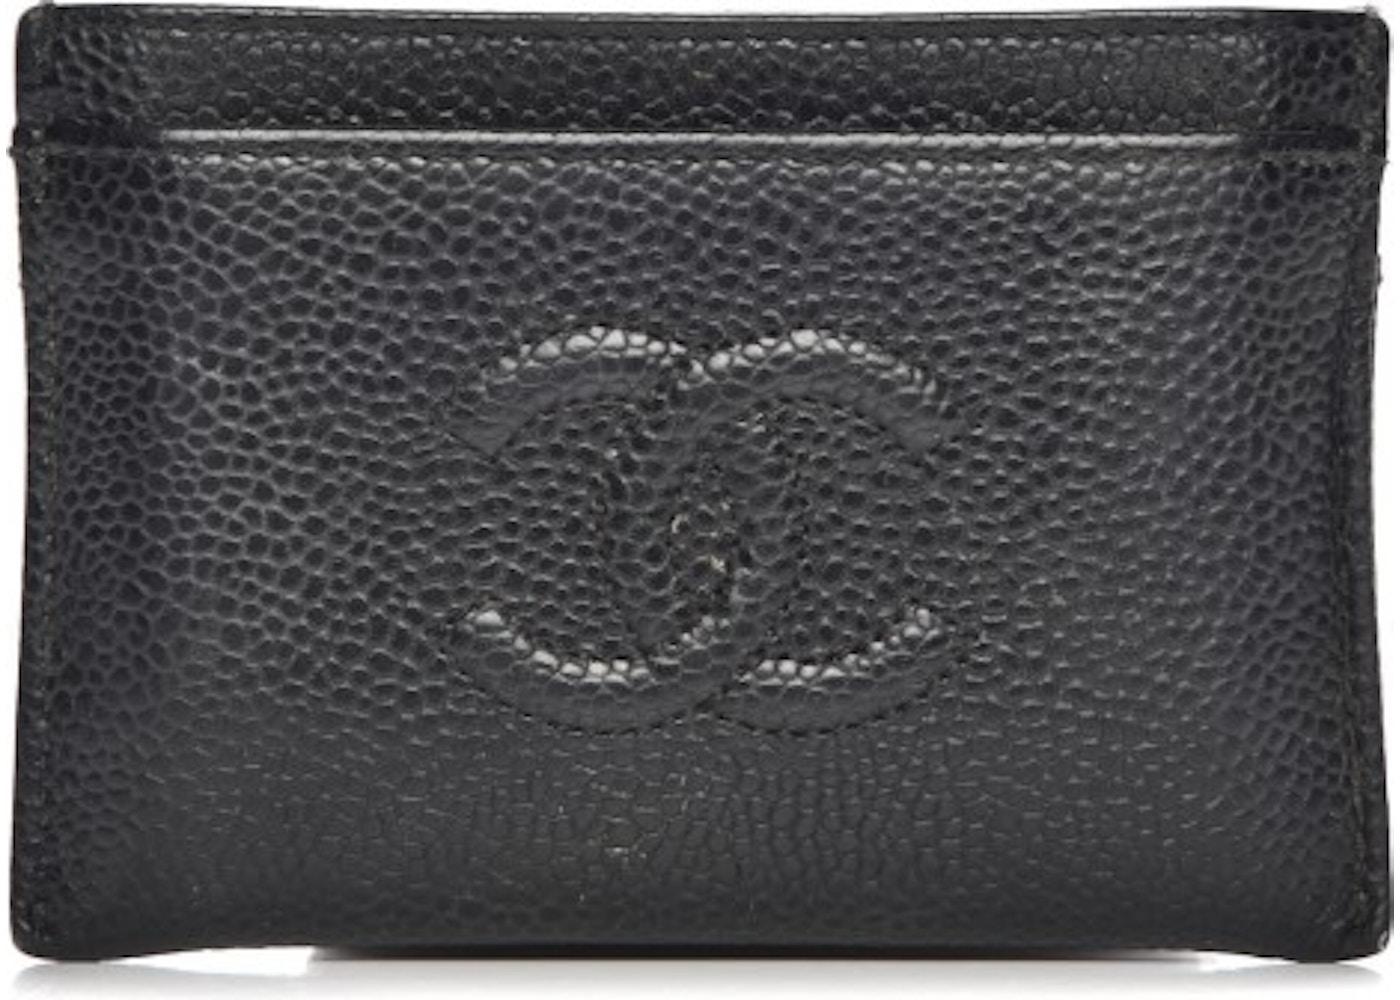 3459cff6691 Buy   Sell Chanel Luxury Handbags